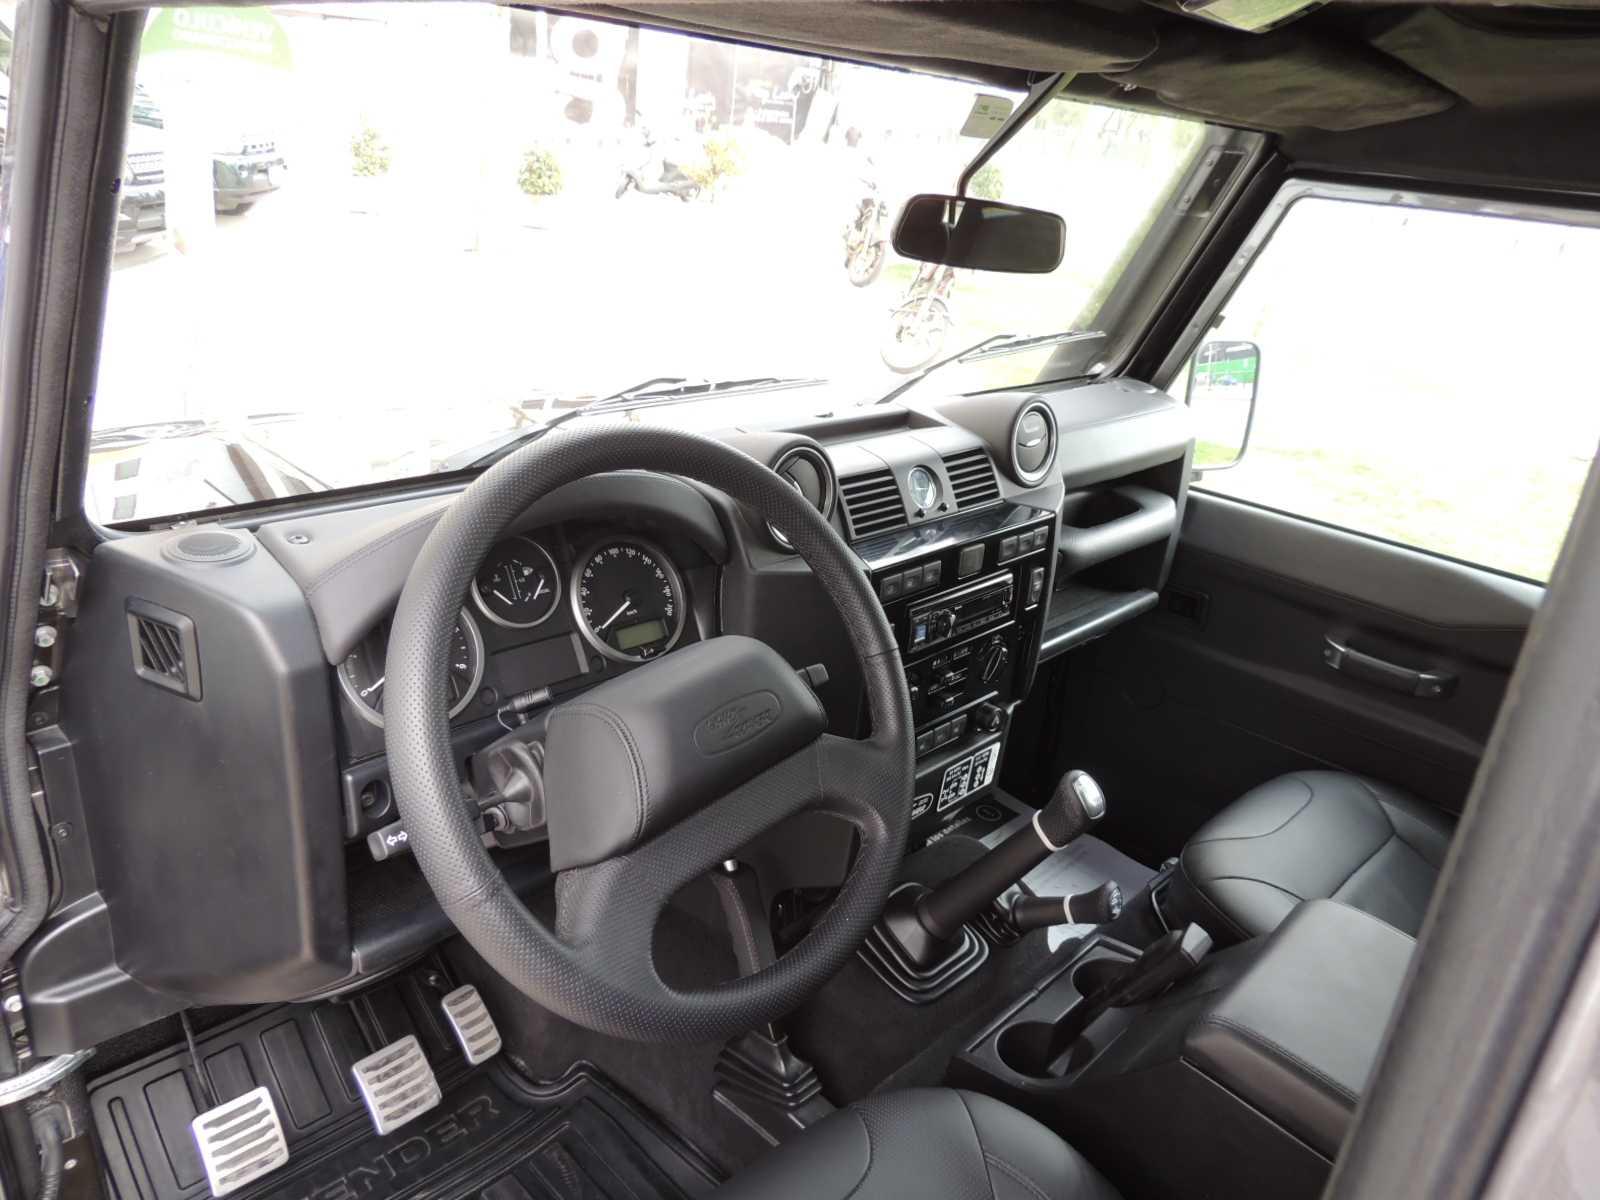 Land Rover Defender Adventure Clasicos Rutamotor (23)